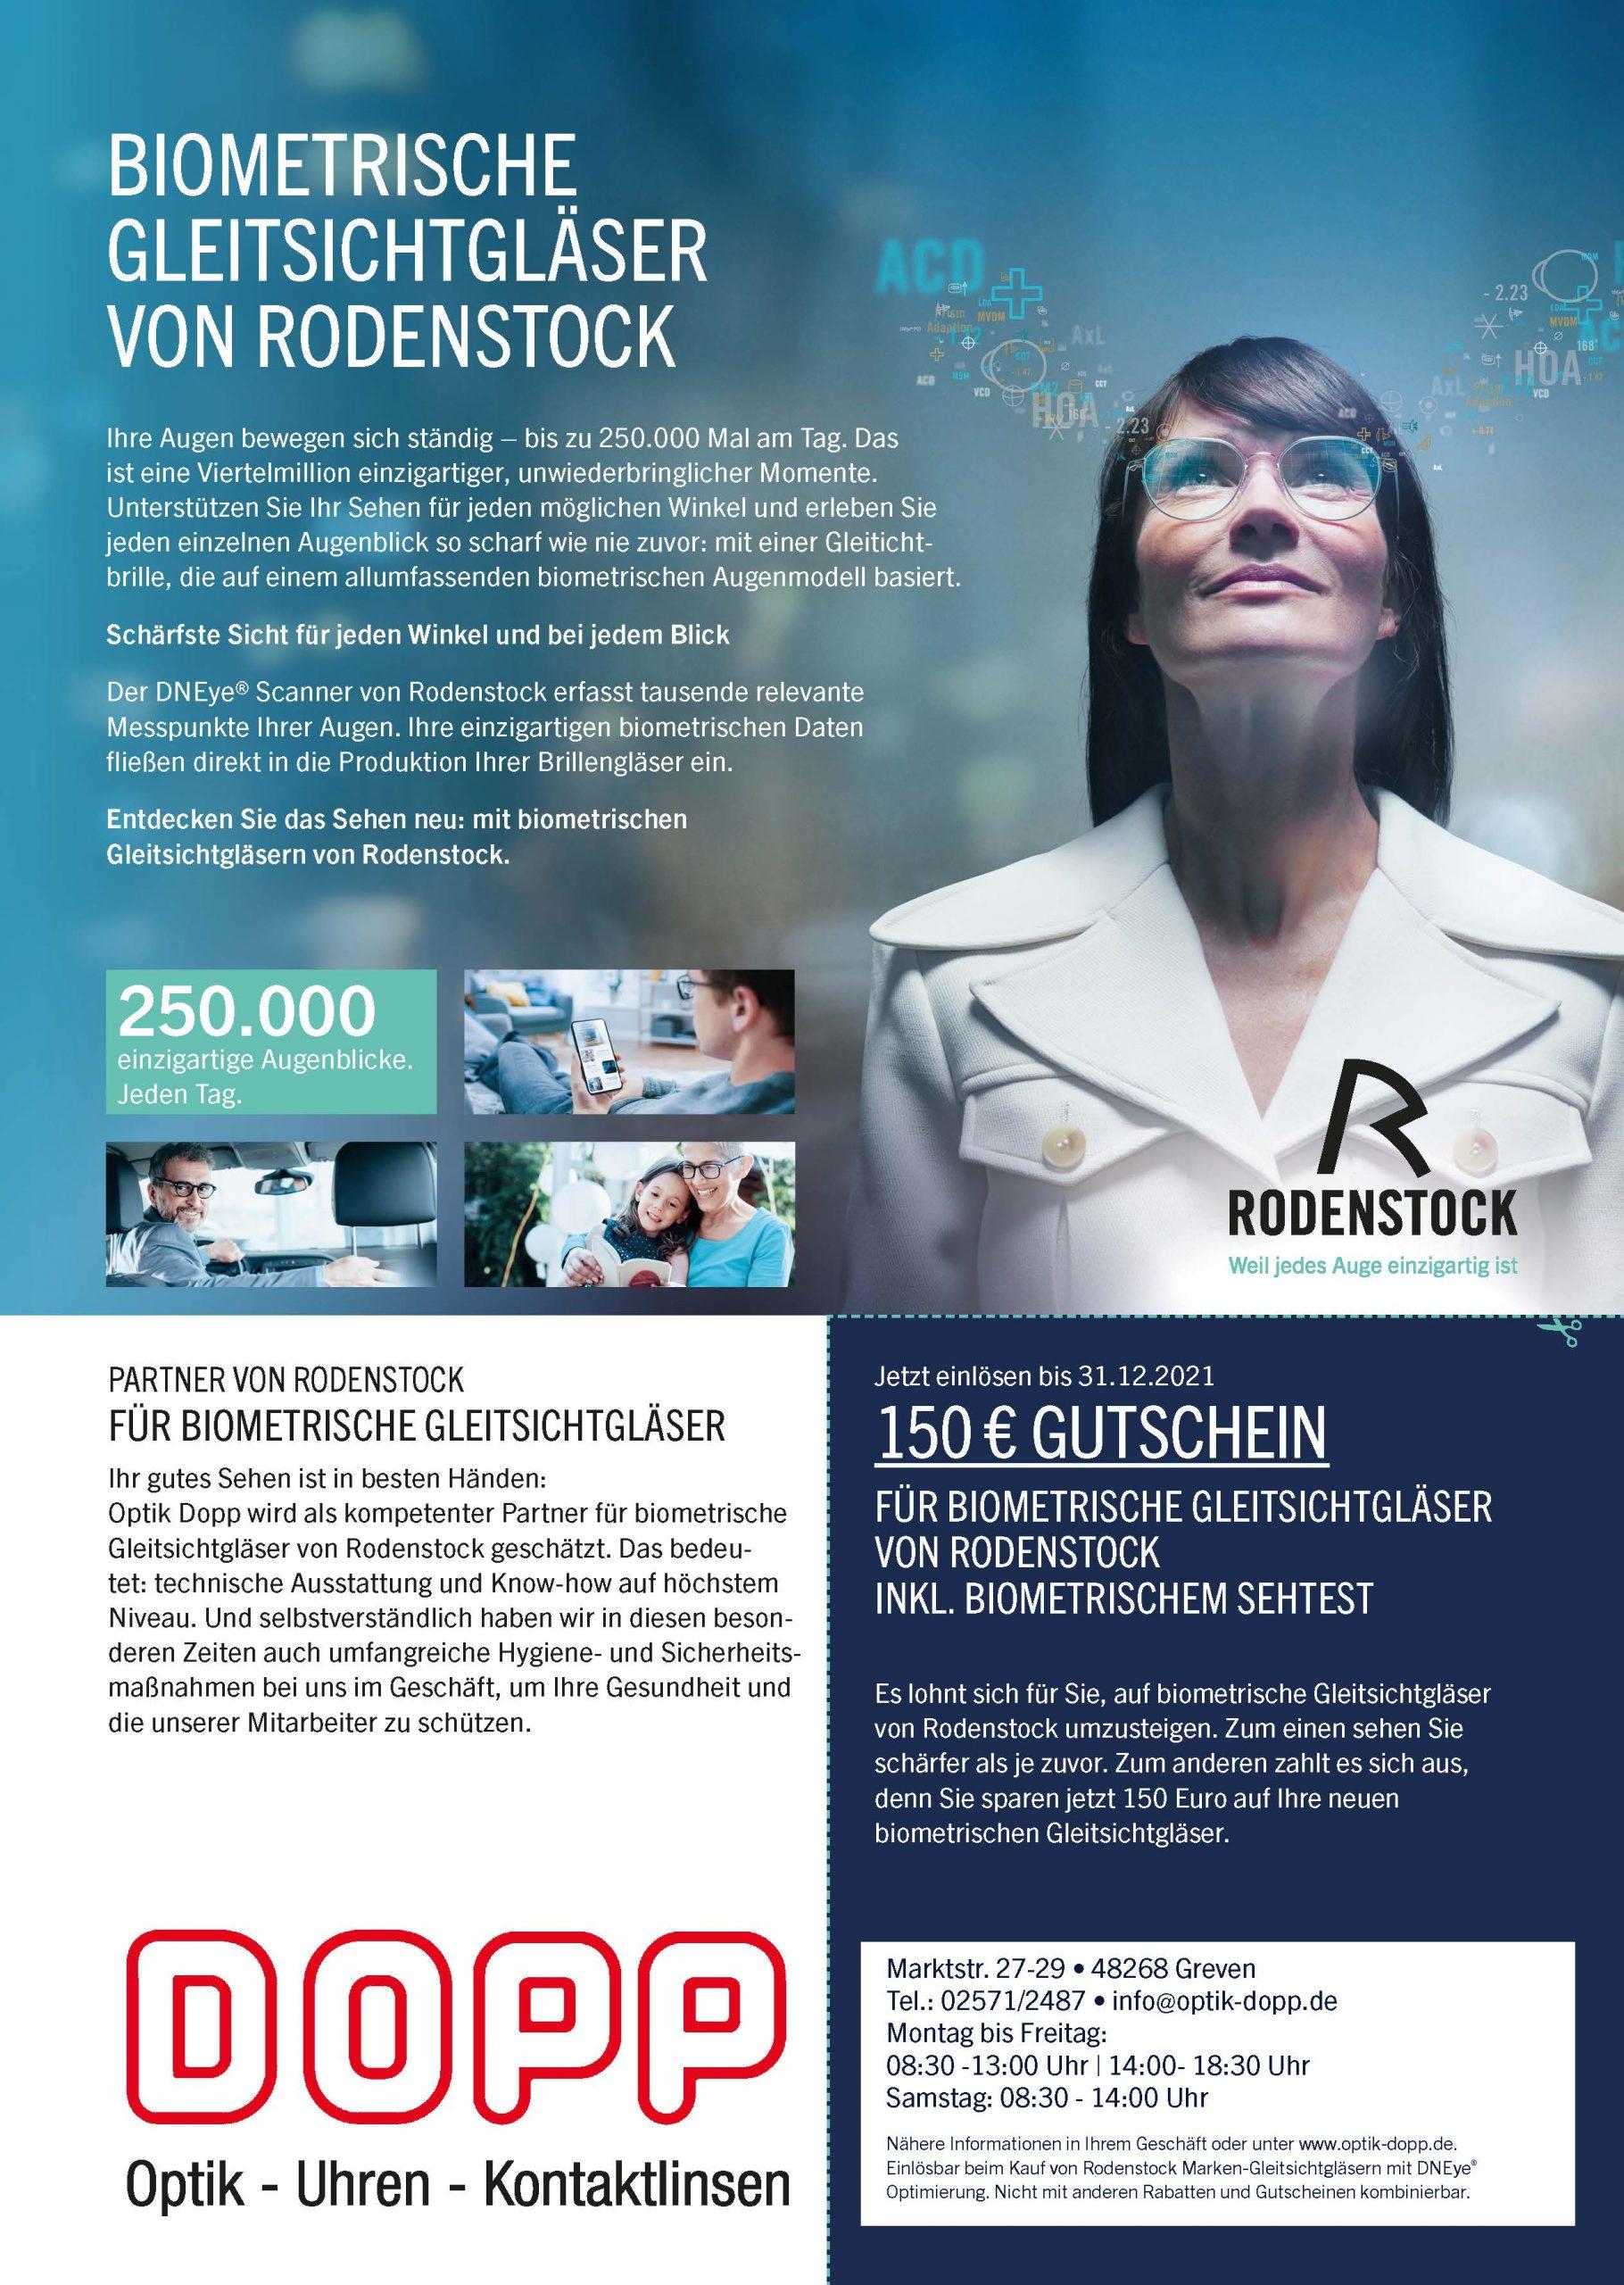 Gutschein Biometrische Gleitsichtgläser von Rodenstock